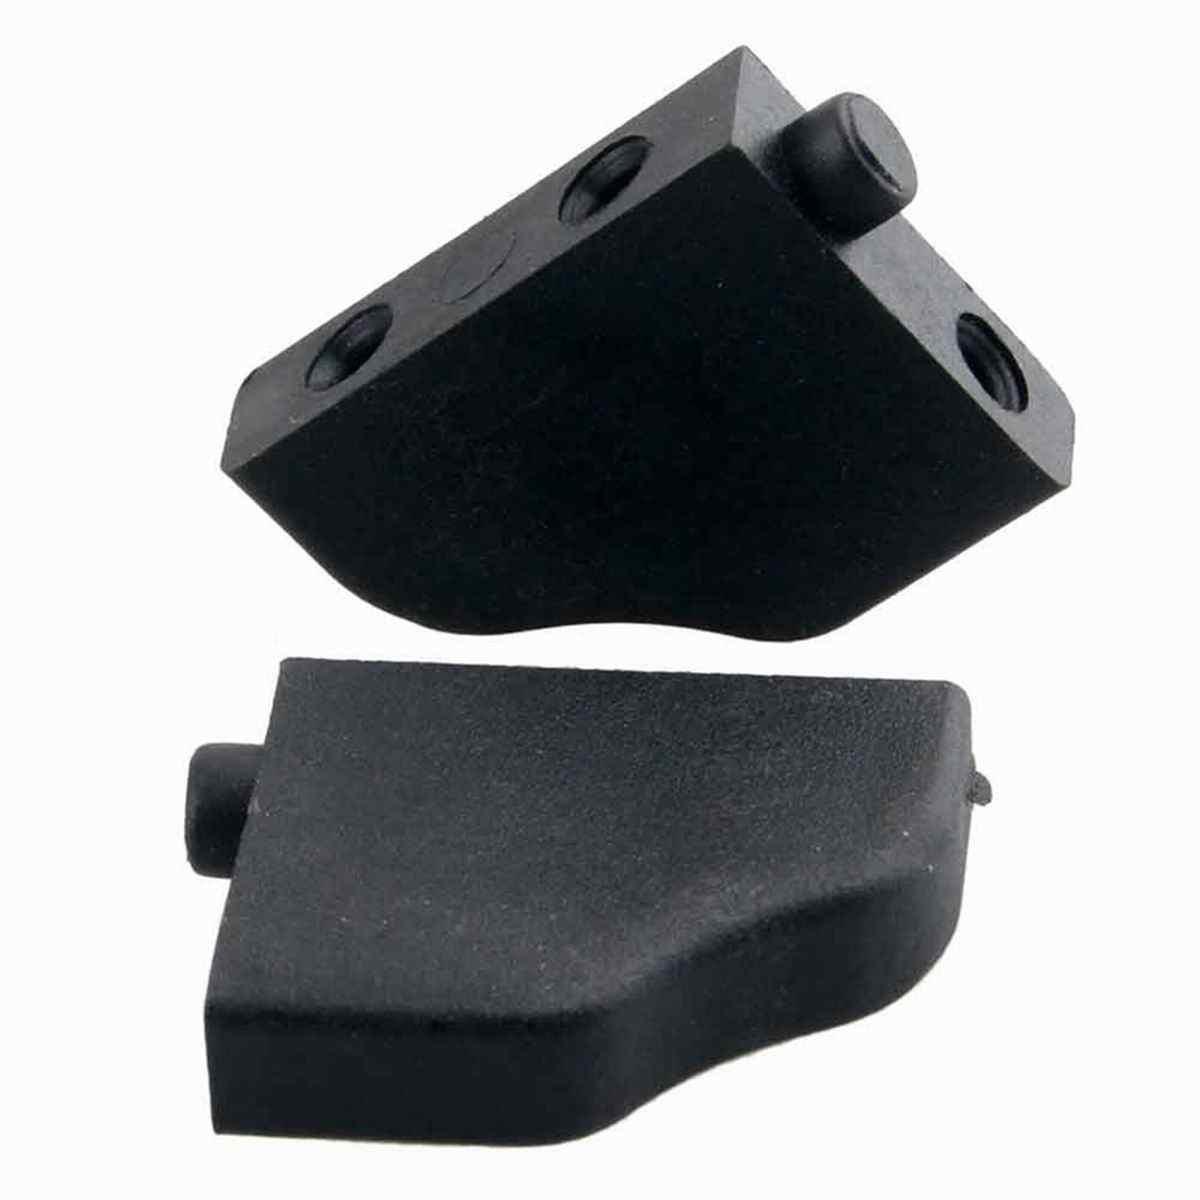 2 piezas para HSP 03013 Servo soporte de fijación servidor montaje de bandeja de Radio para 1/10 94111 94123 Flying Fish Rock piezas de coche de orugas RC